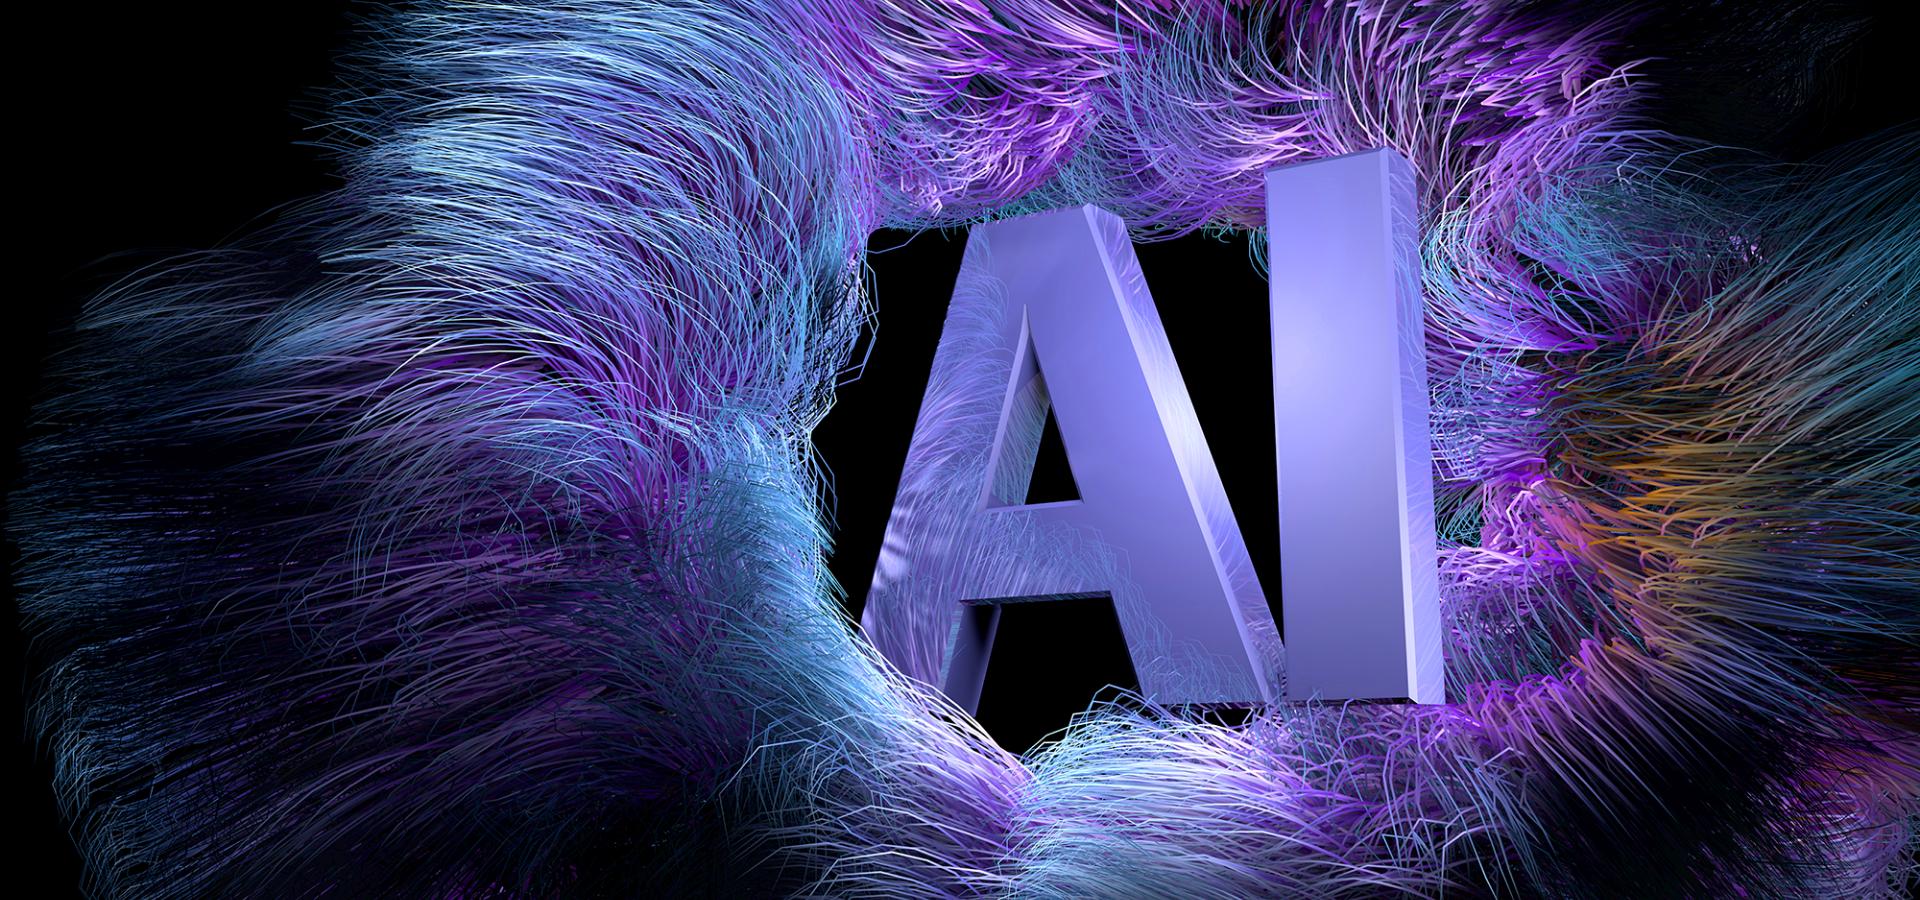 Inovação empresarial orientada a dados com o Brightics AI